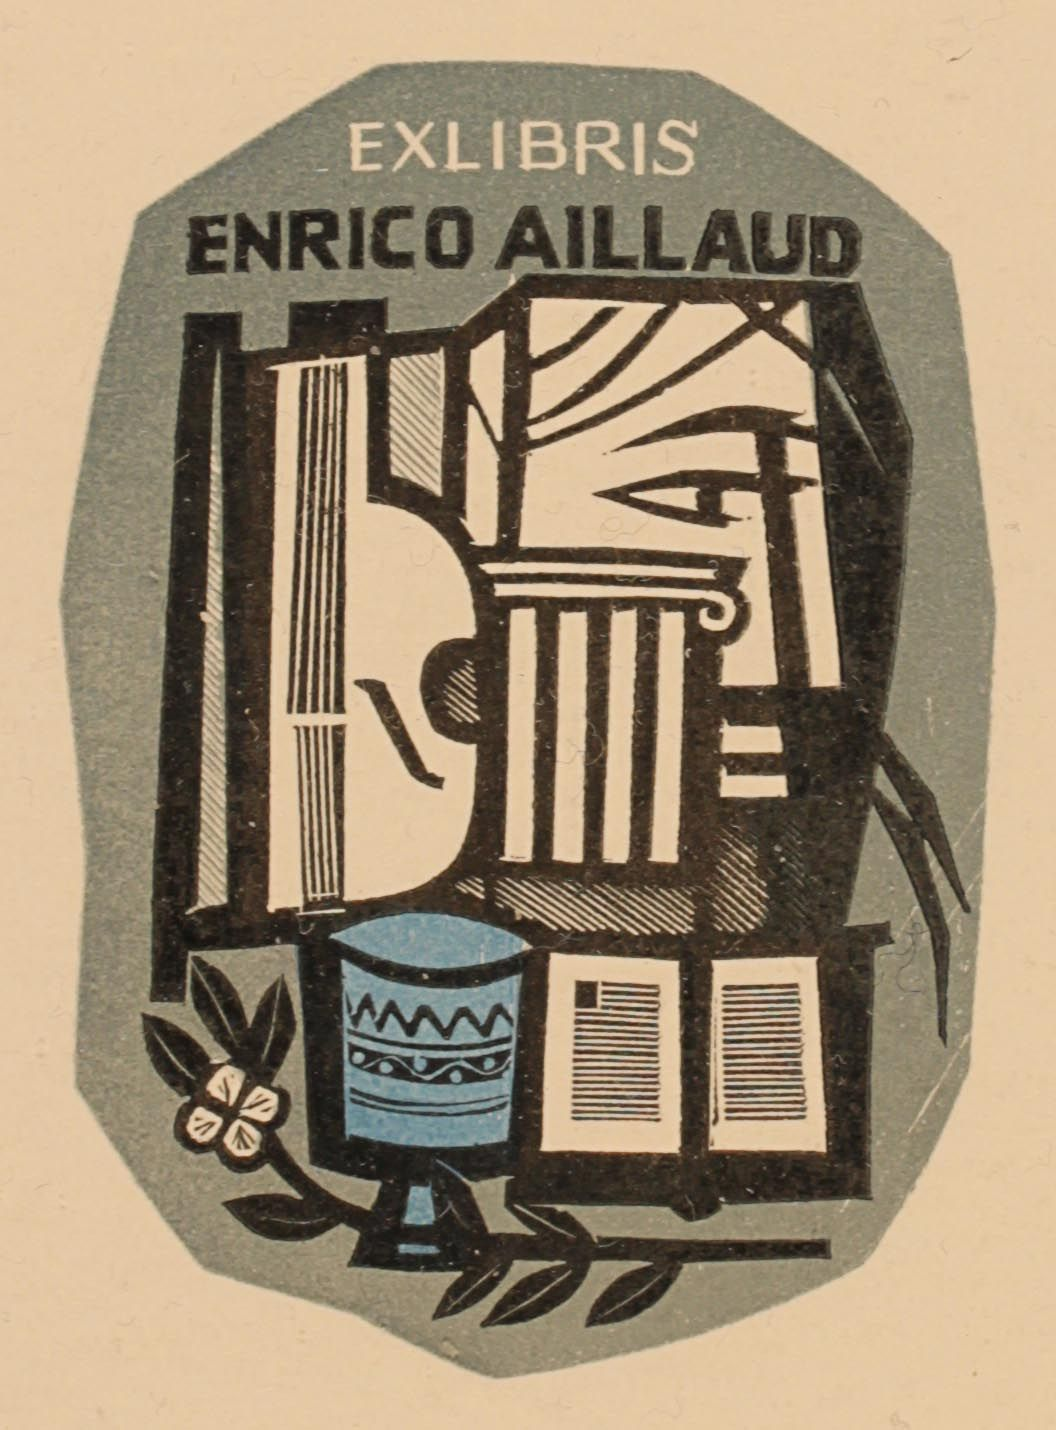 Art-exlibris.net - ex libris di Italo Zetti per Enrico Aillaud ...